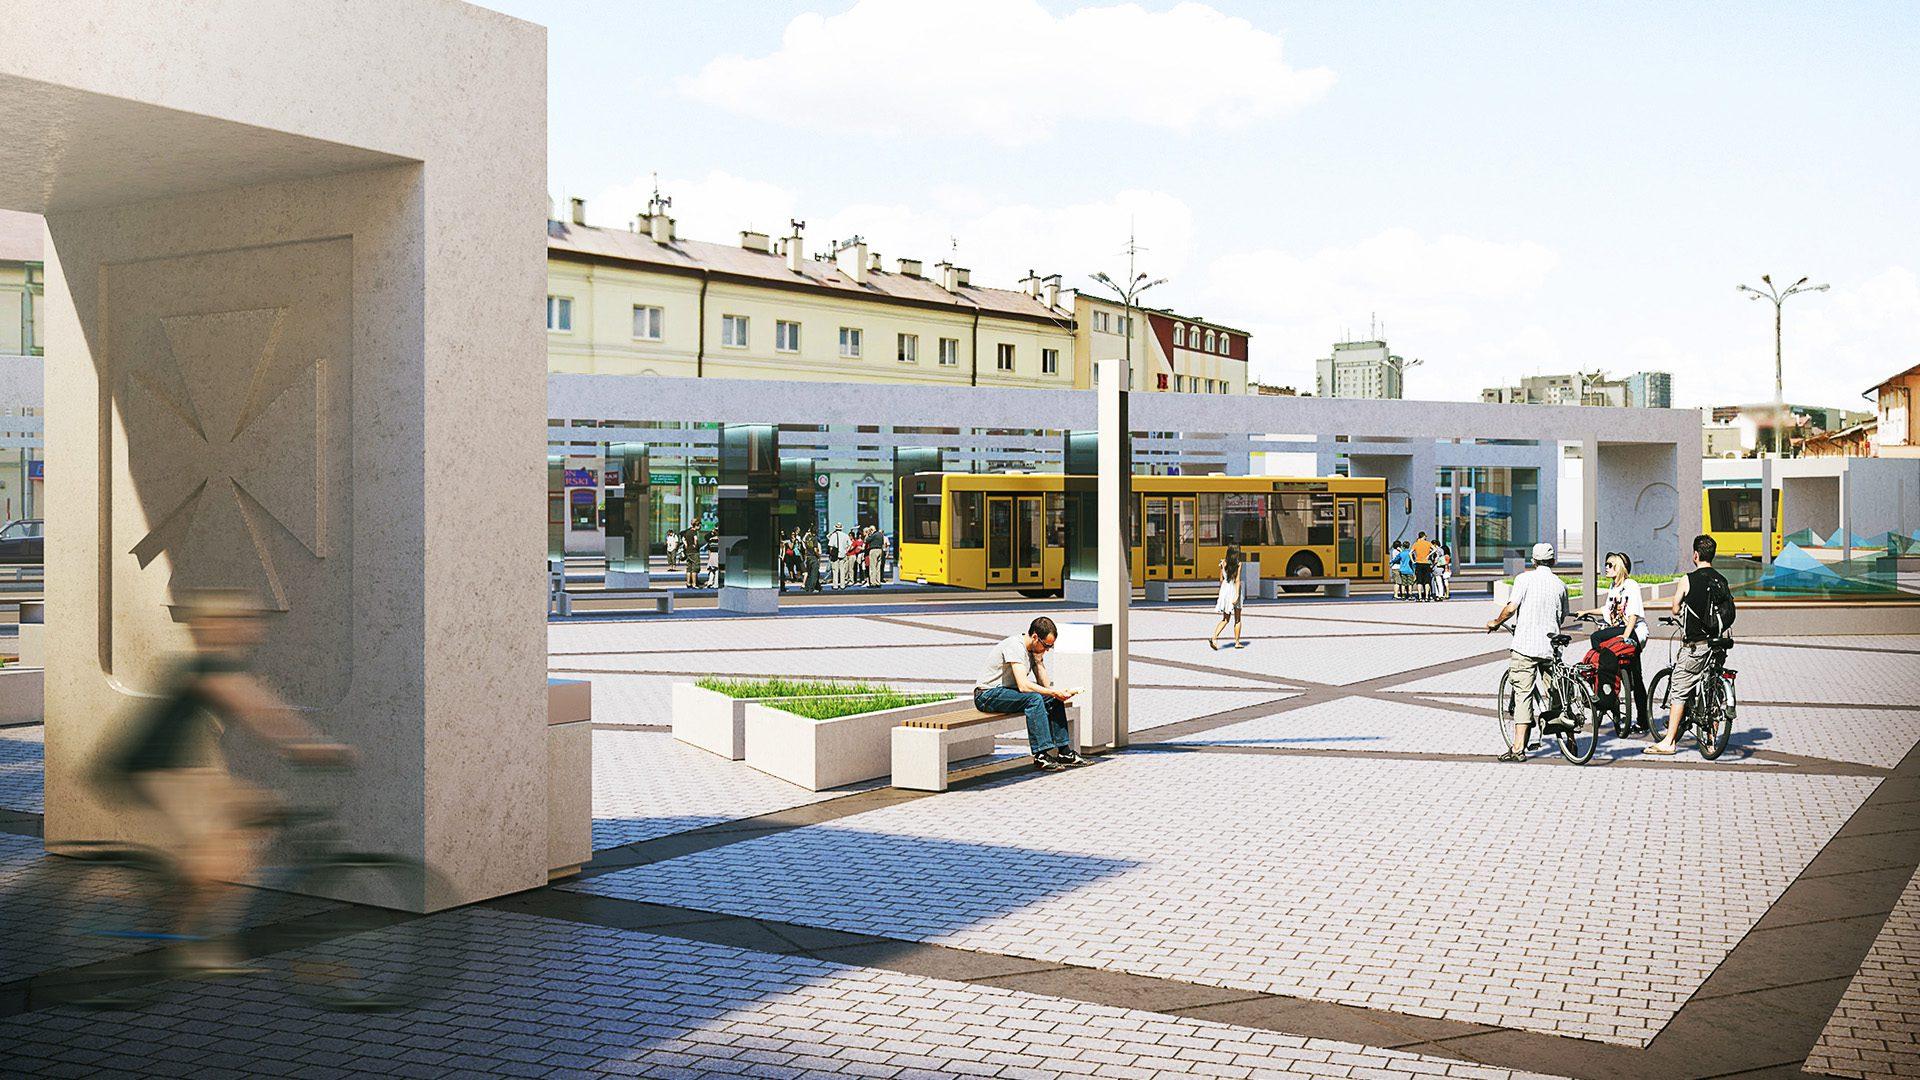 Plac-dworcowy-Rzeszów-cam13